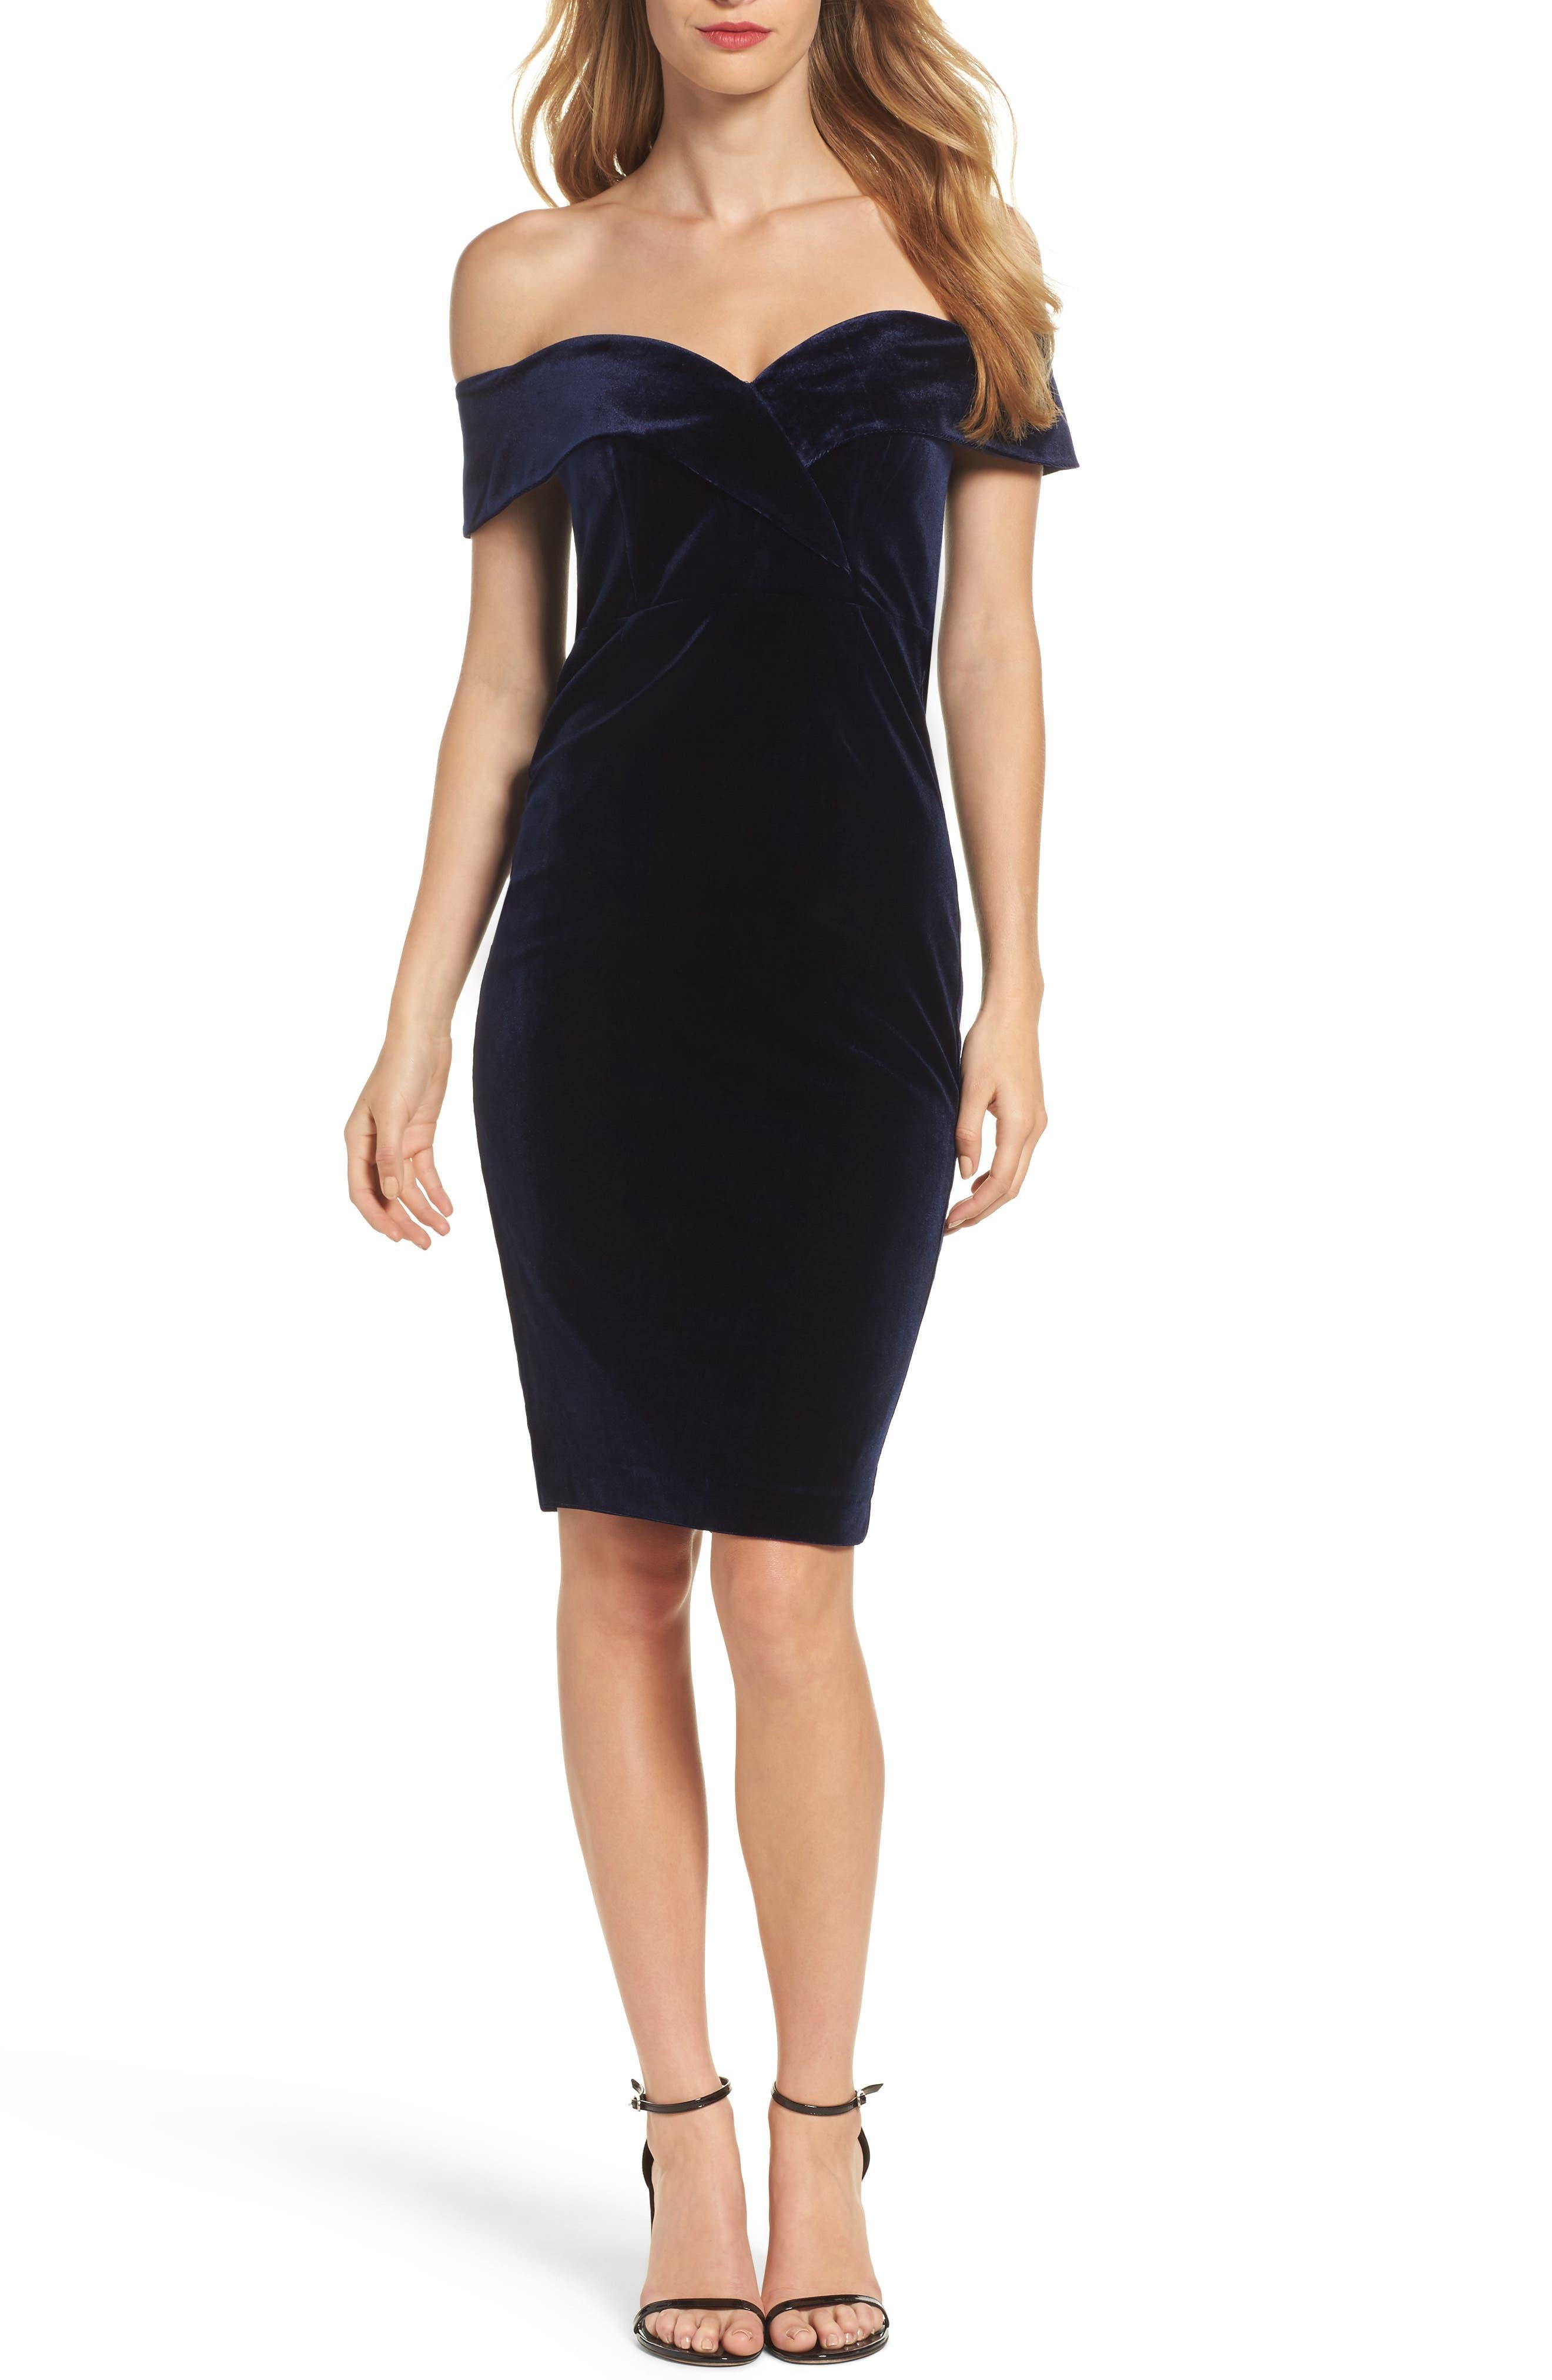 Bella Velvet Off the Shoulder Dress,                         Main,                         color, Royal Blue